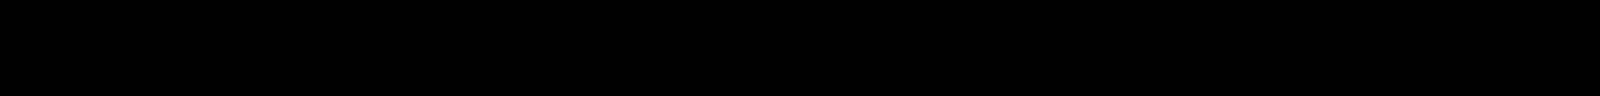 methods of preparation of alkanes pdf